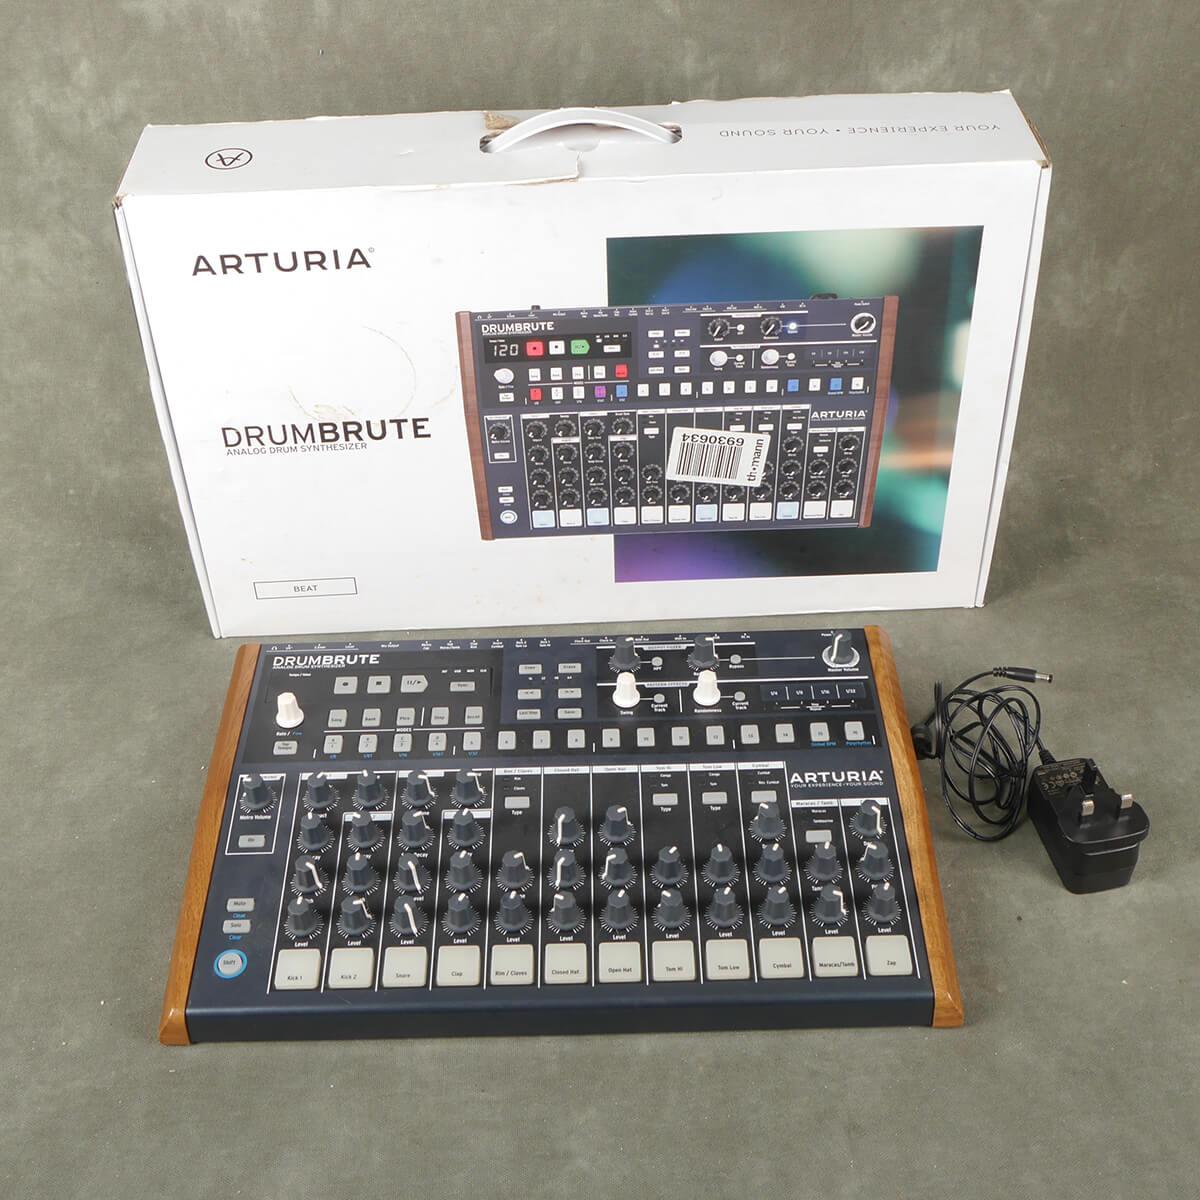 Arturia Drumbrute Drum Machine w/Box & PSU - 2nd Hand